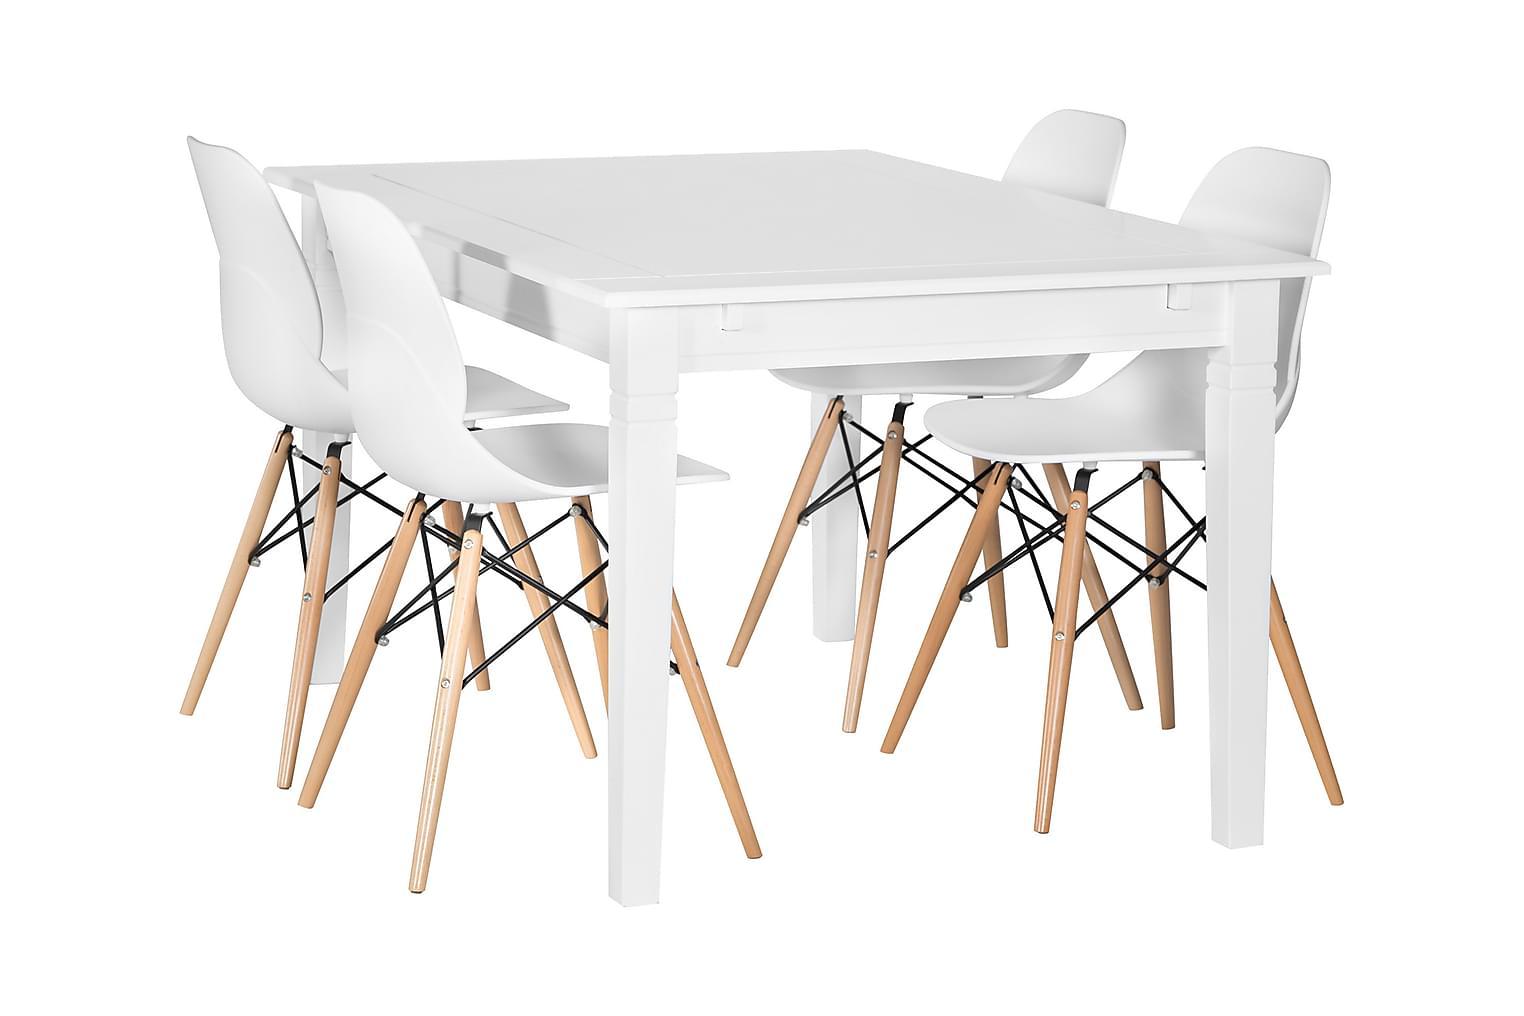 SJÖVIK Pöytä 140 + 4 RANA Tuolia Valkoinen/Puujalat